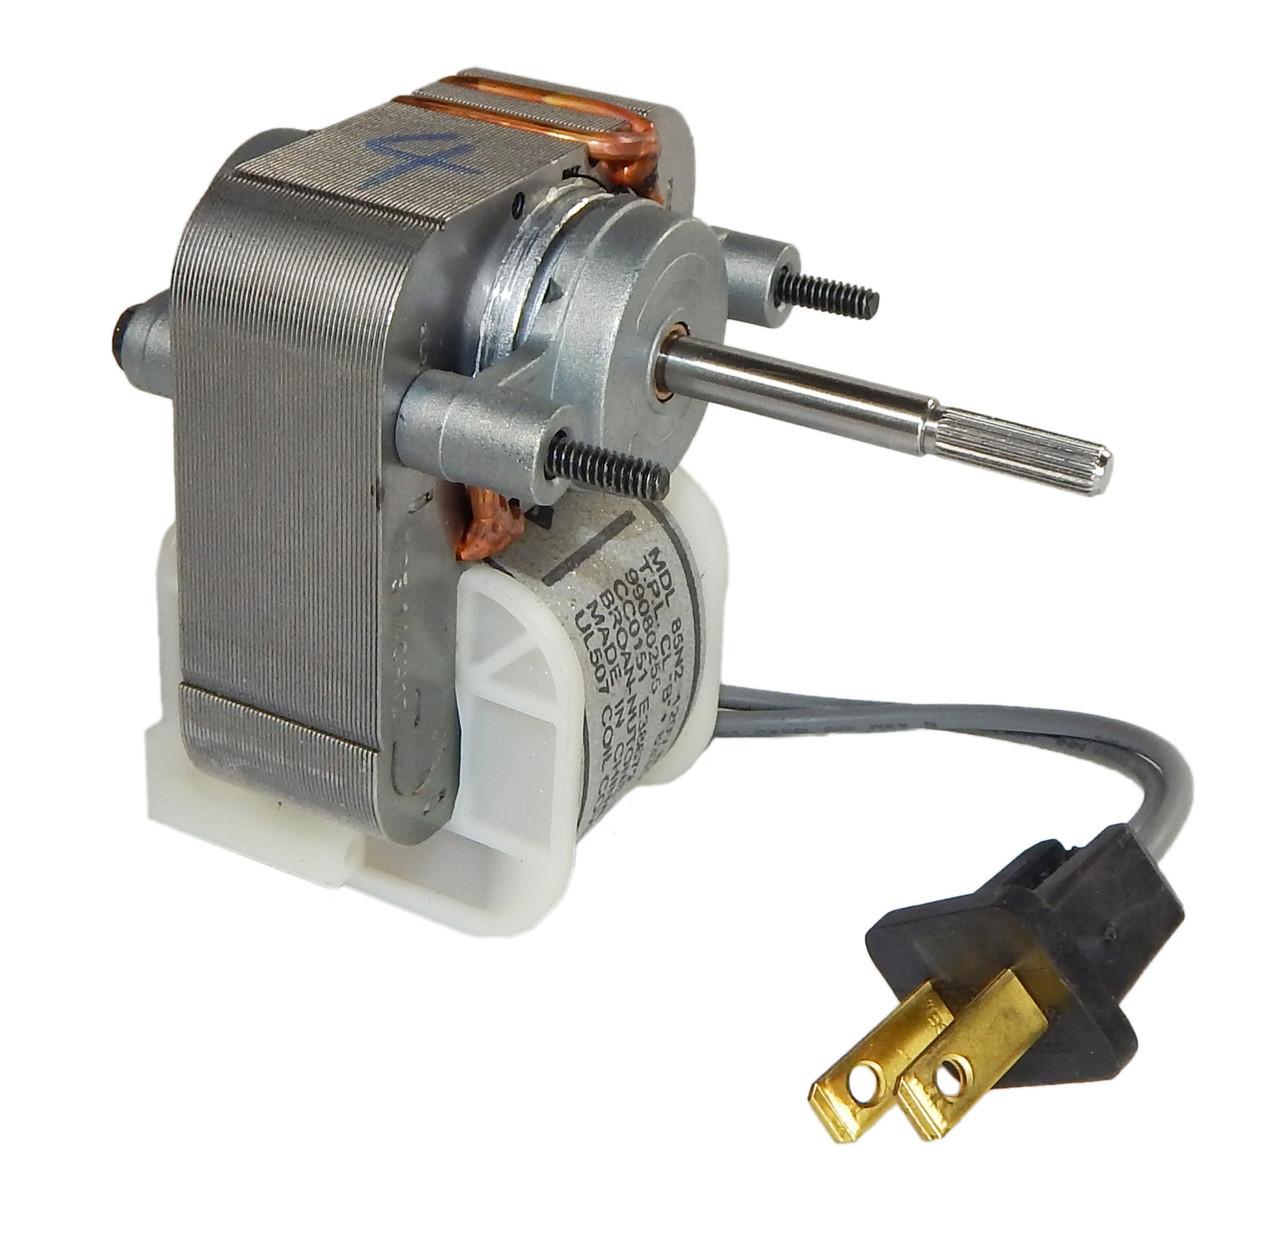 broan 671 replacement bath fan motor # 99080255, 1.5 amps, 1500